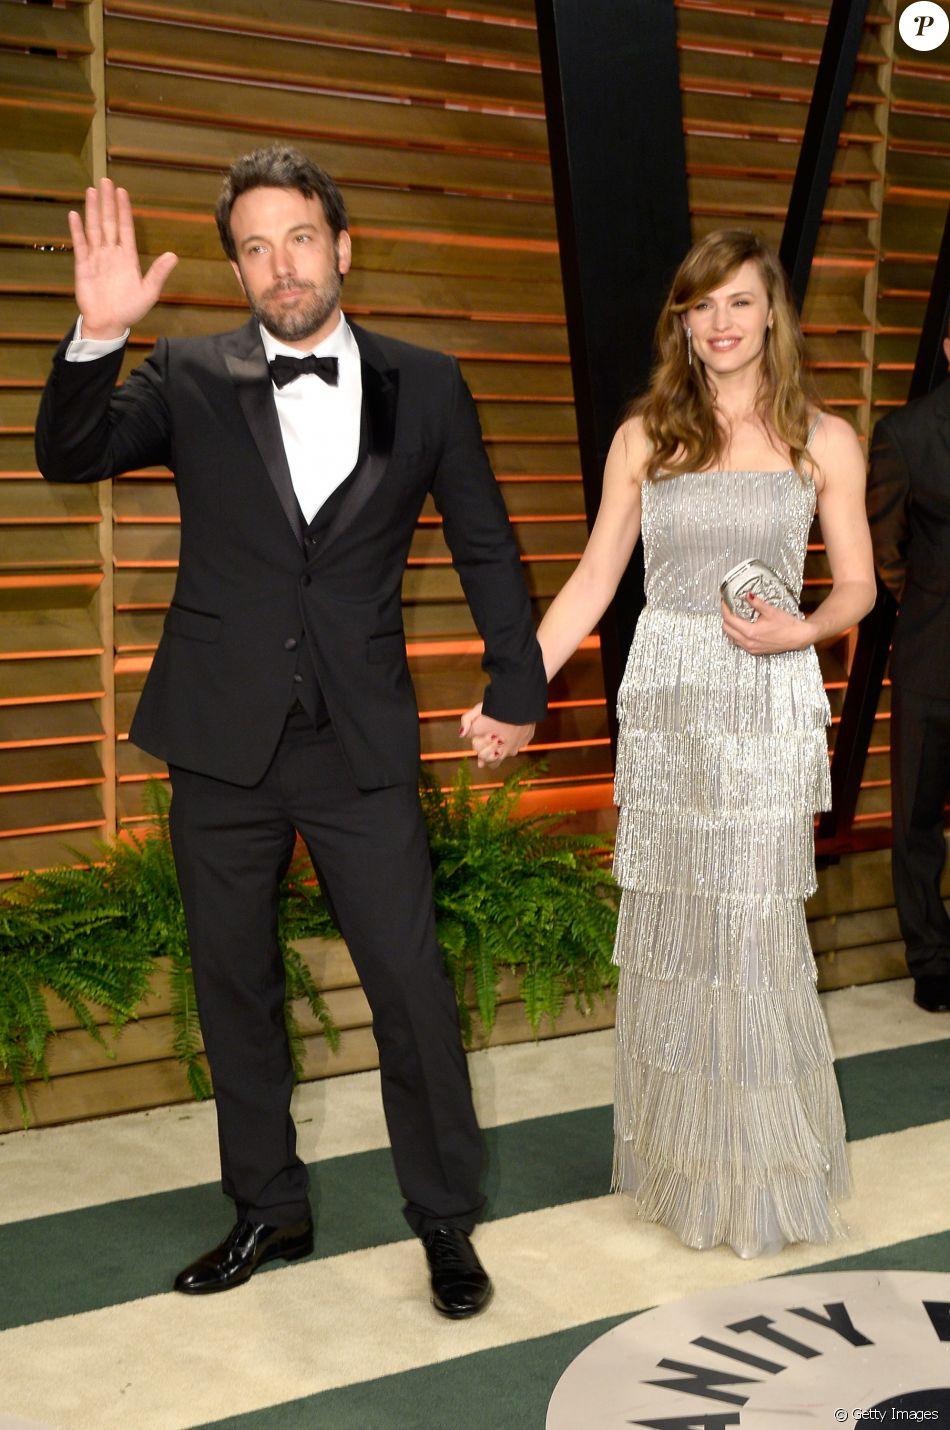 No ano passado, Jennifer Garner e Ben Affleck paralisaram o divórcio e até pensaram em reatar, mas após dois anos separados eles vão oficializar o fim do casamento